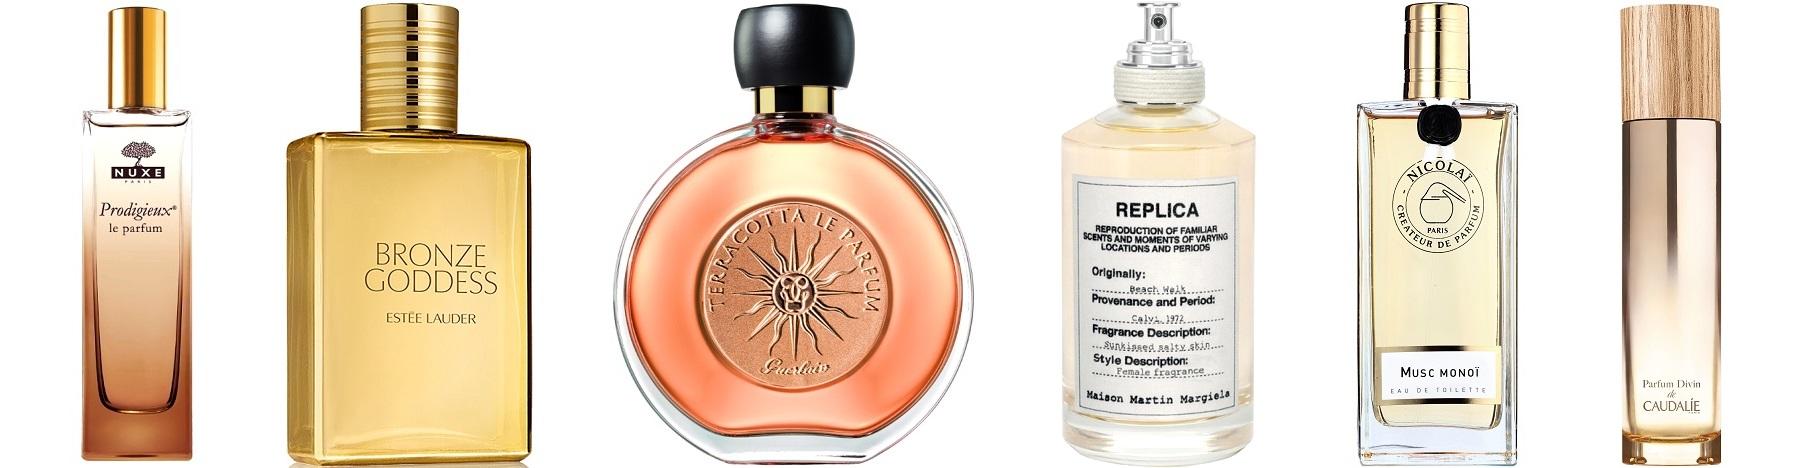 Parfums Qzglsmvpu Qui La Plage…parfumista Sentent Ces TlcF3u1KJ